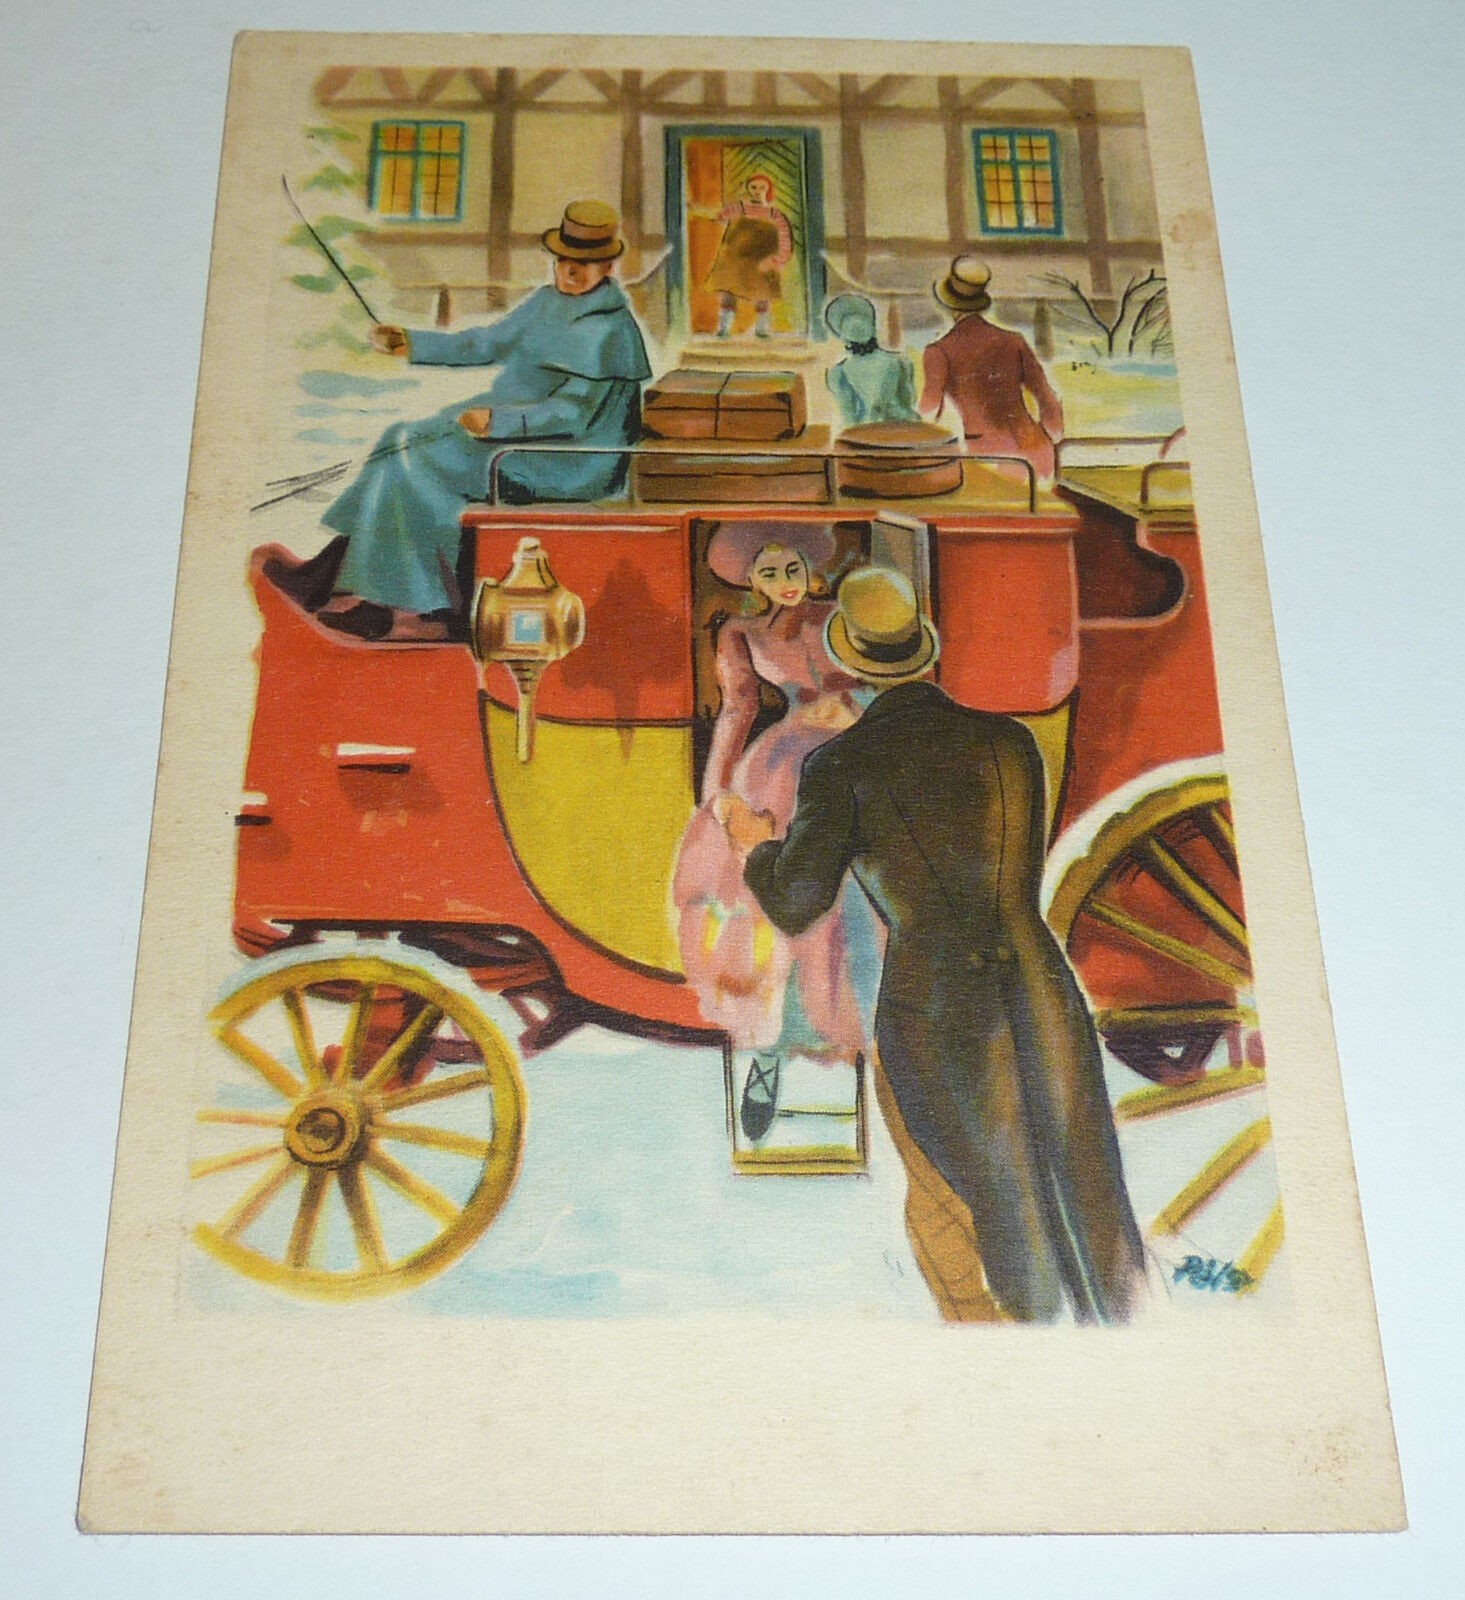 Weihnachten 1950 Künstlerkarte Postkutsche Danmark Horsens Jul Vignette Dänemark